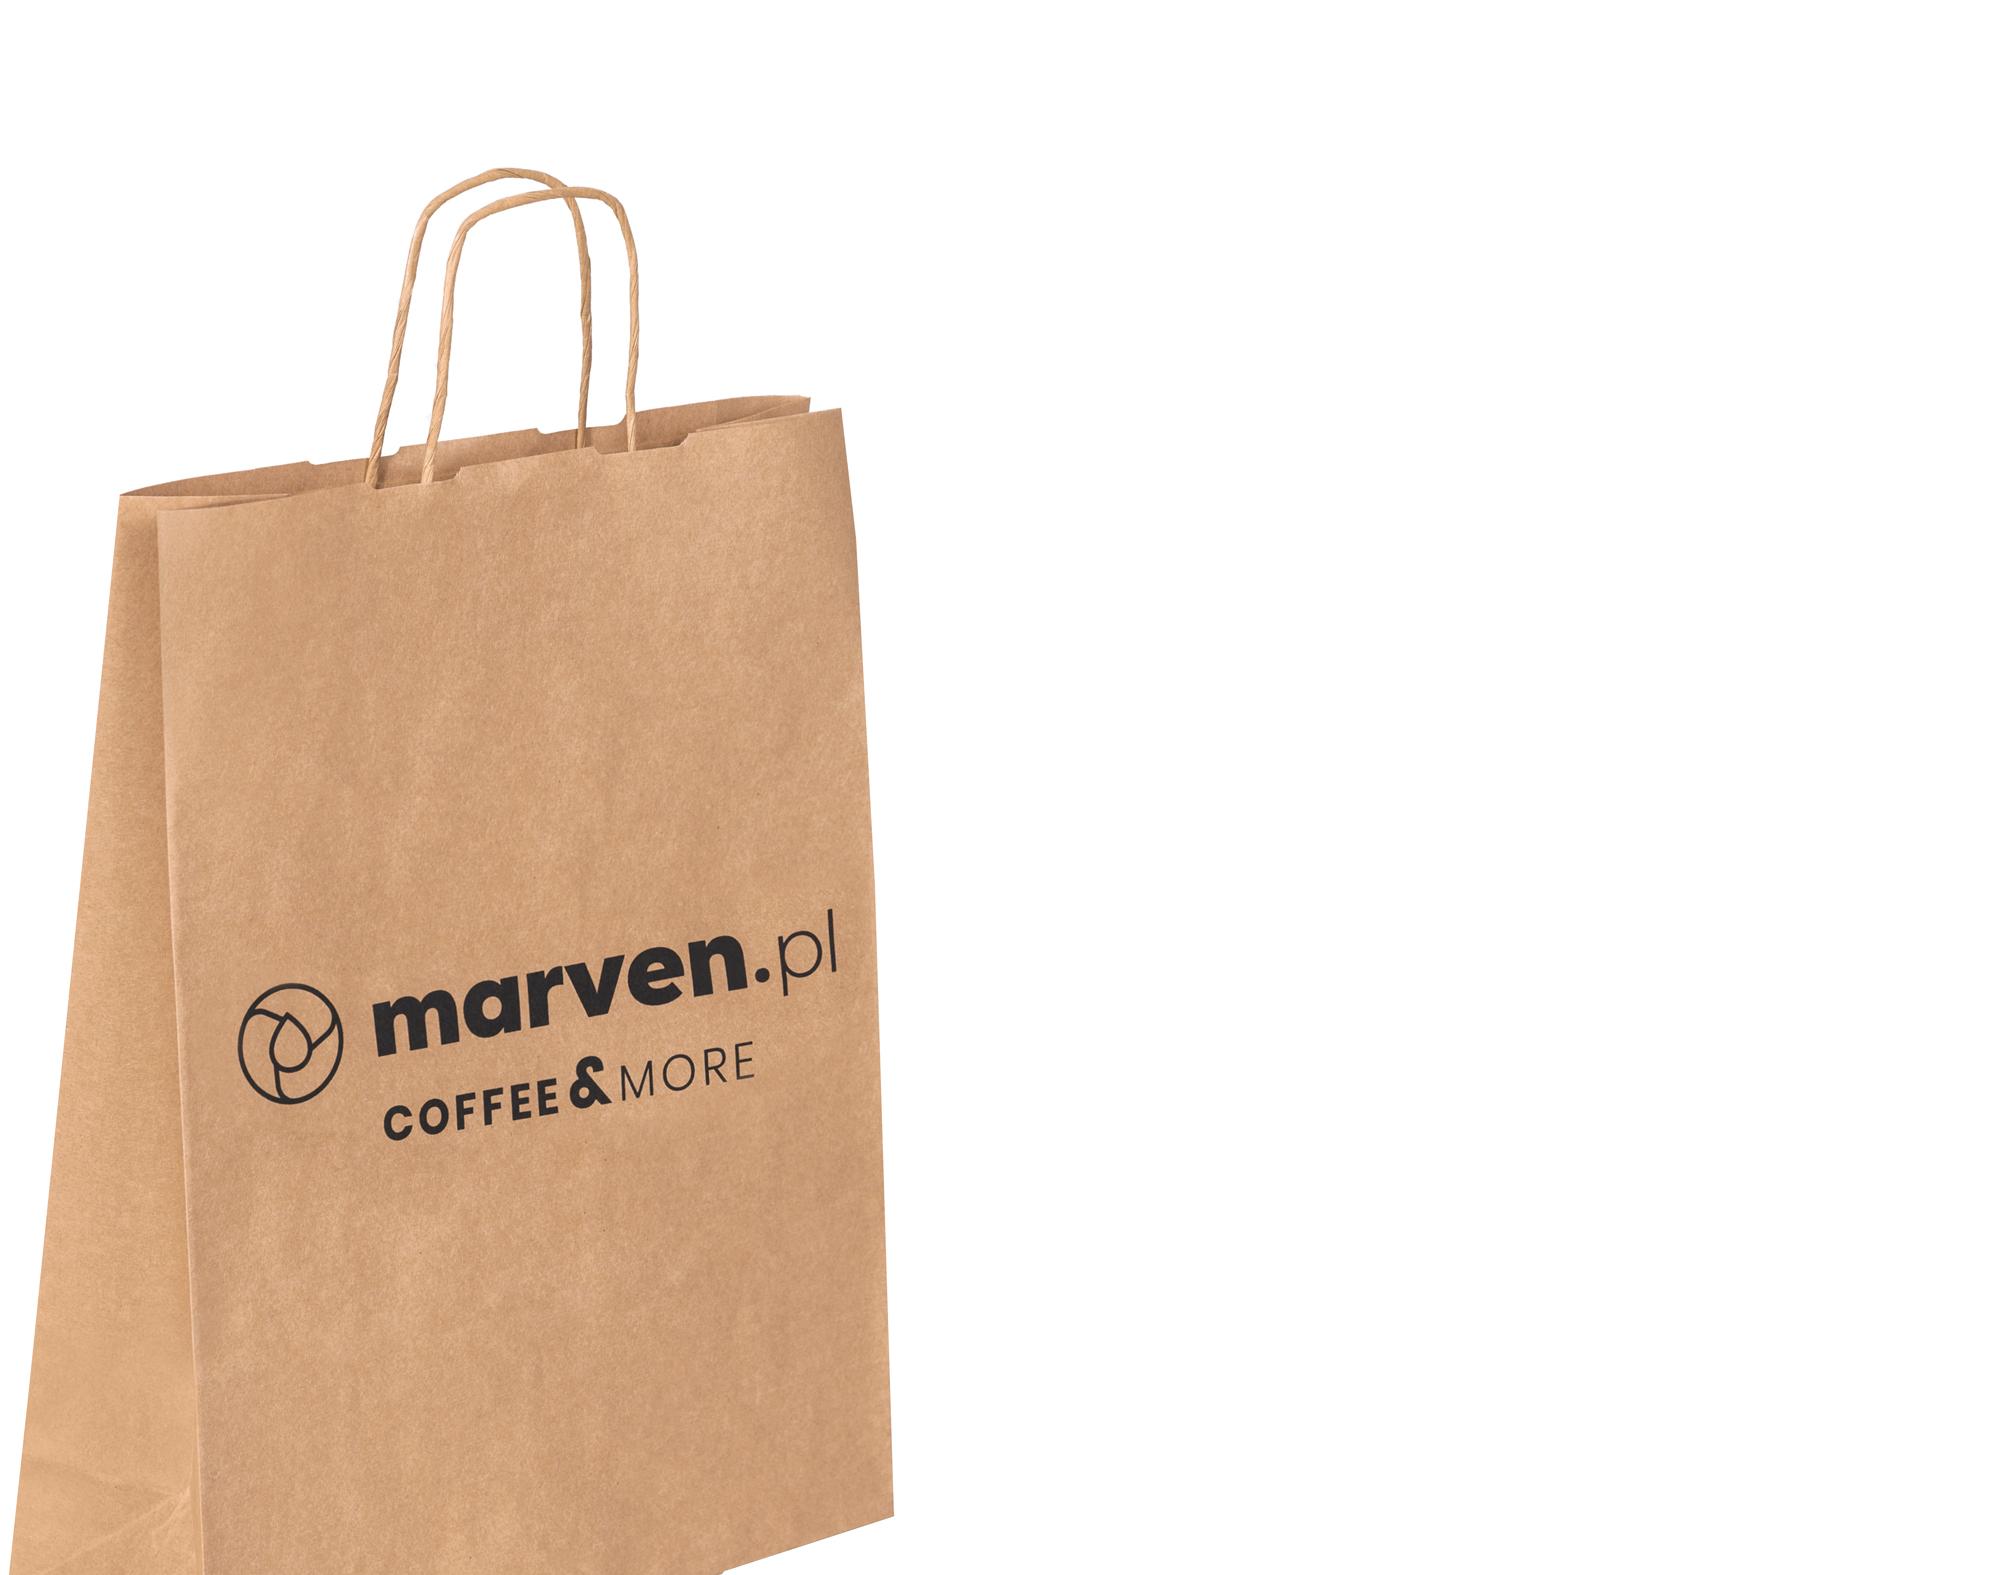 jednokolorowa torba papierowa - tanie torby białe lub brązowe z uchwytem skręcanym lub płaskim